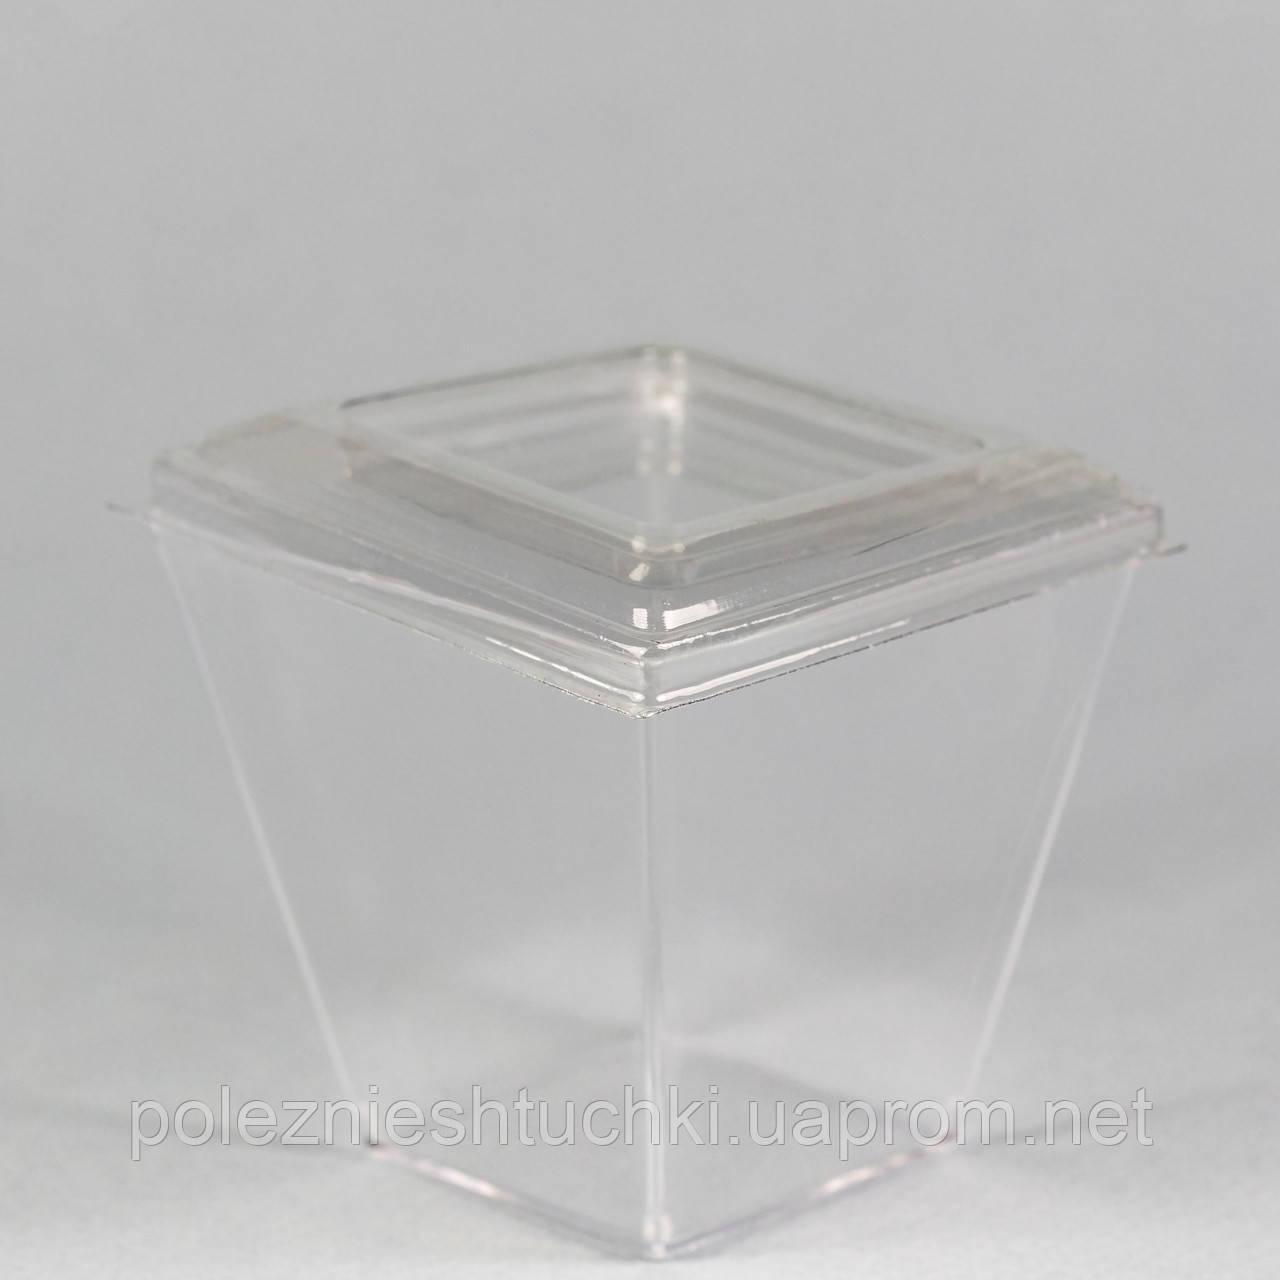 """Пиала с крышкой фуршетная круглая 200 мл., 7х7х6,5 см., 50 шт/уп стеклоподобный, прозрачная """"Пирамид"""